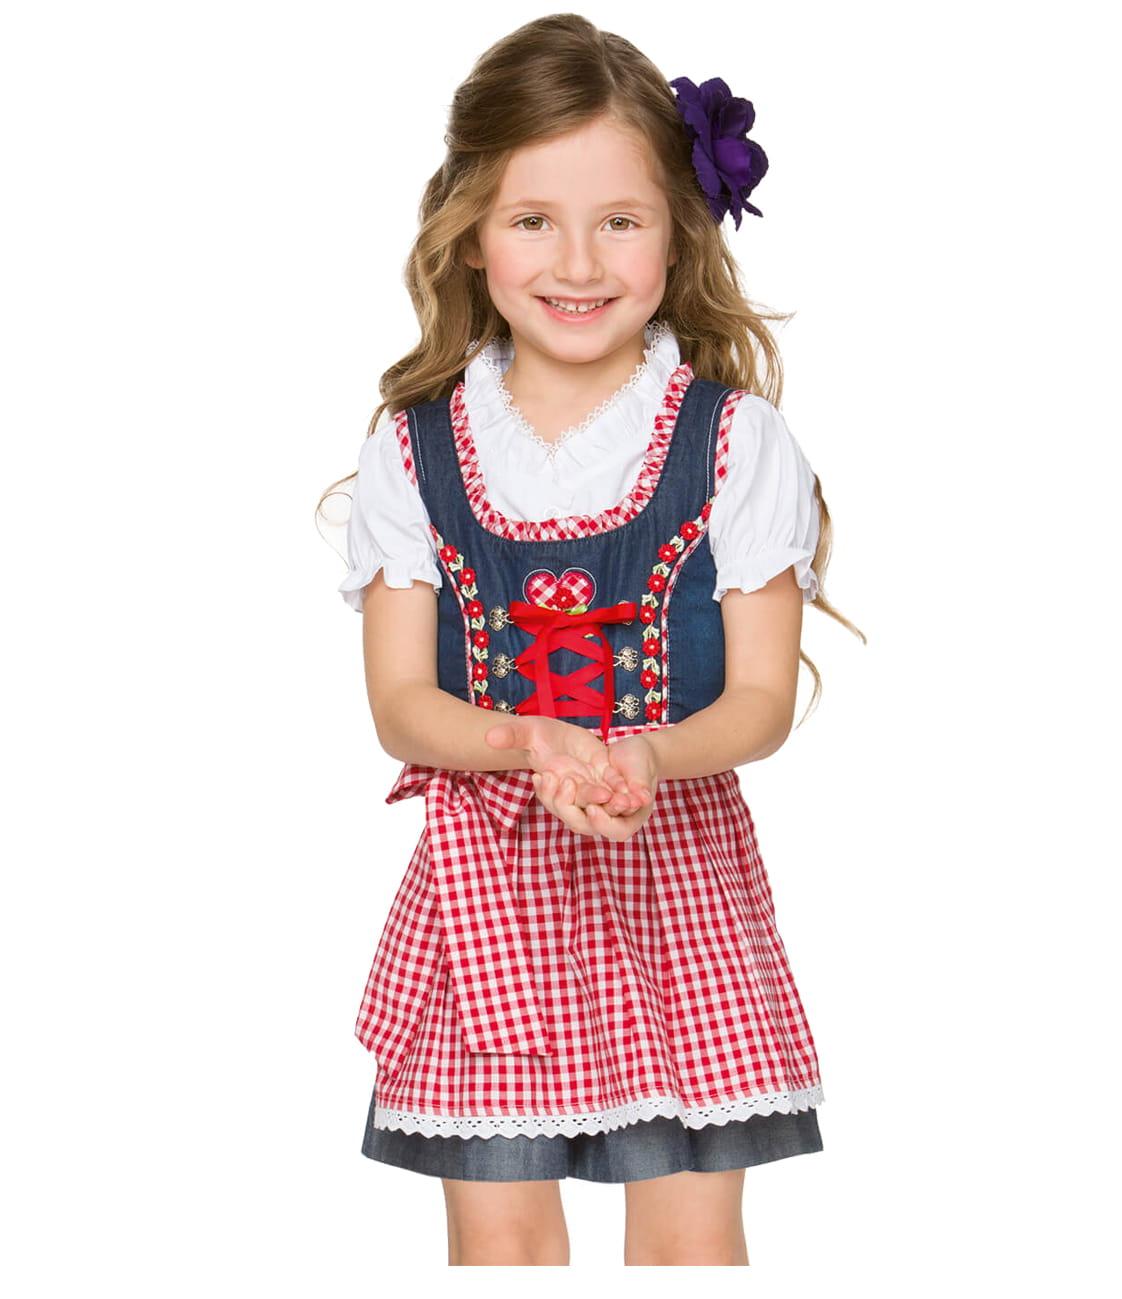 8a421f1510fb5 Kinder Dirndl BINE blau rot - Ronja Birk - bayerische Kleidung